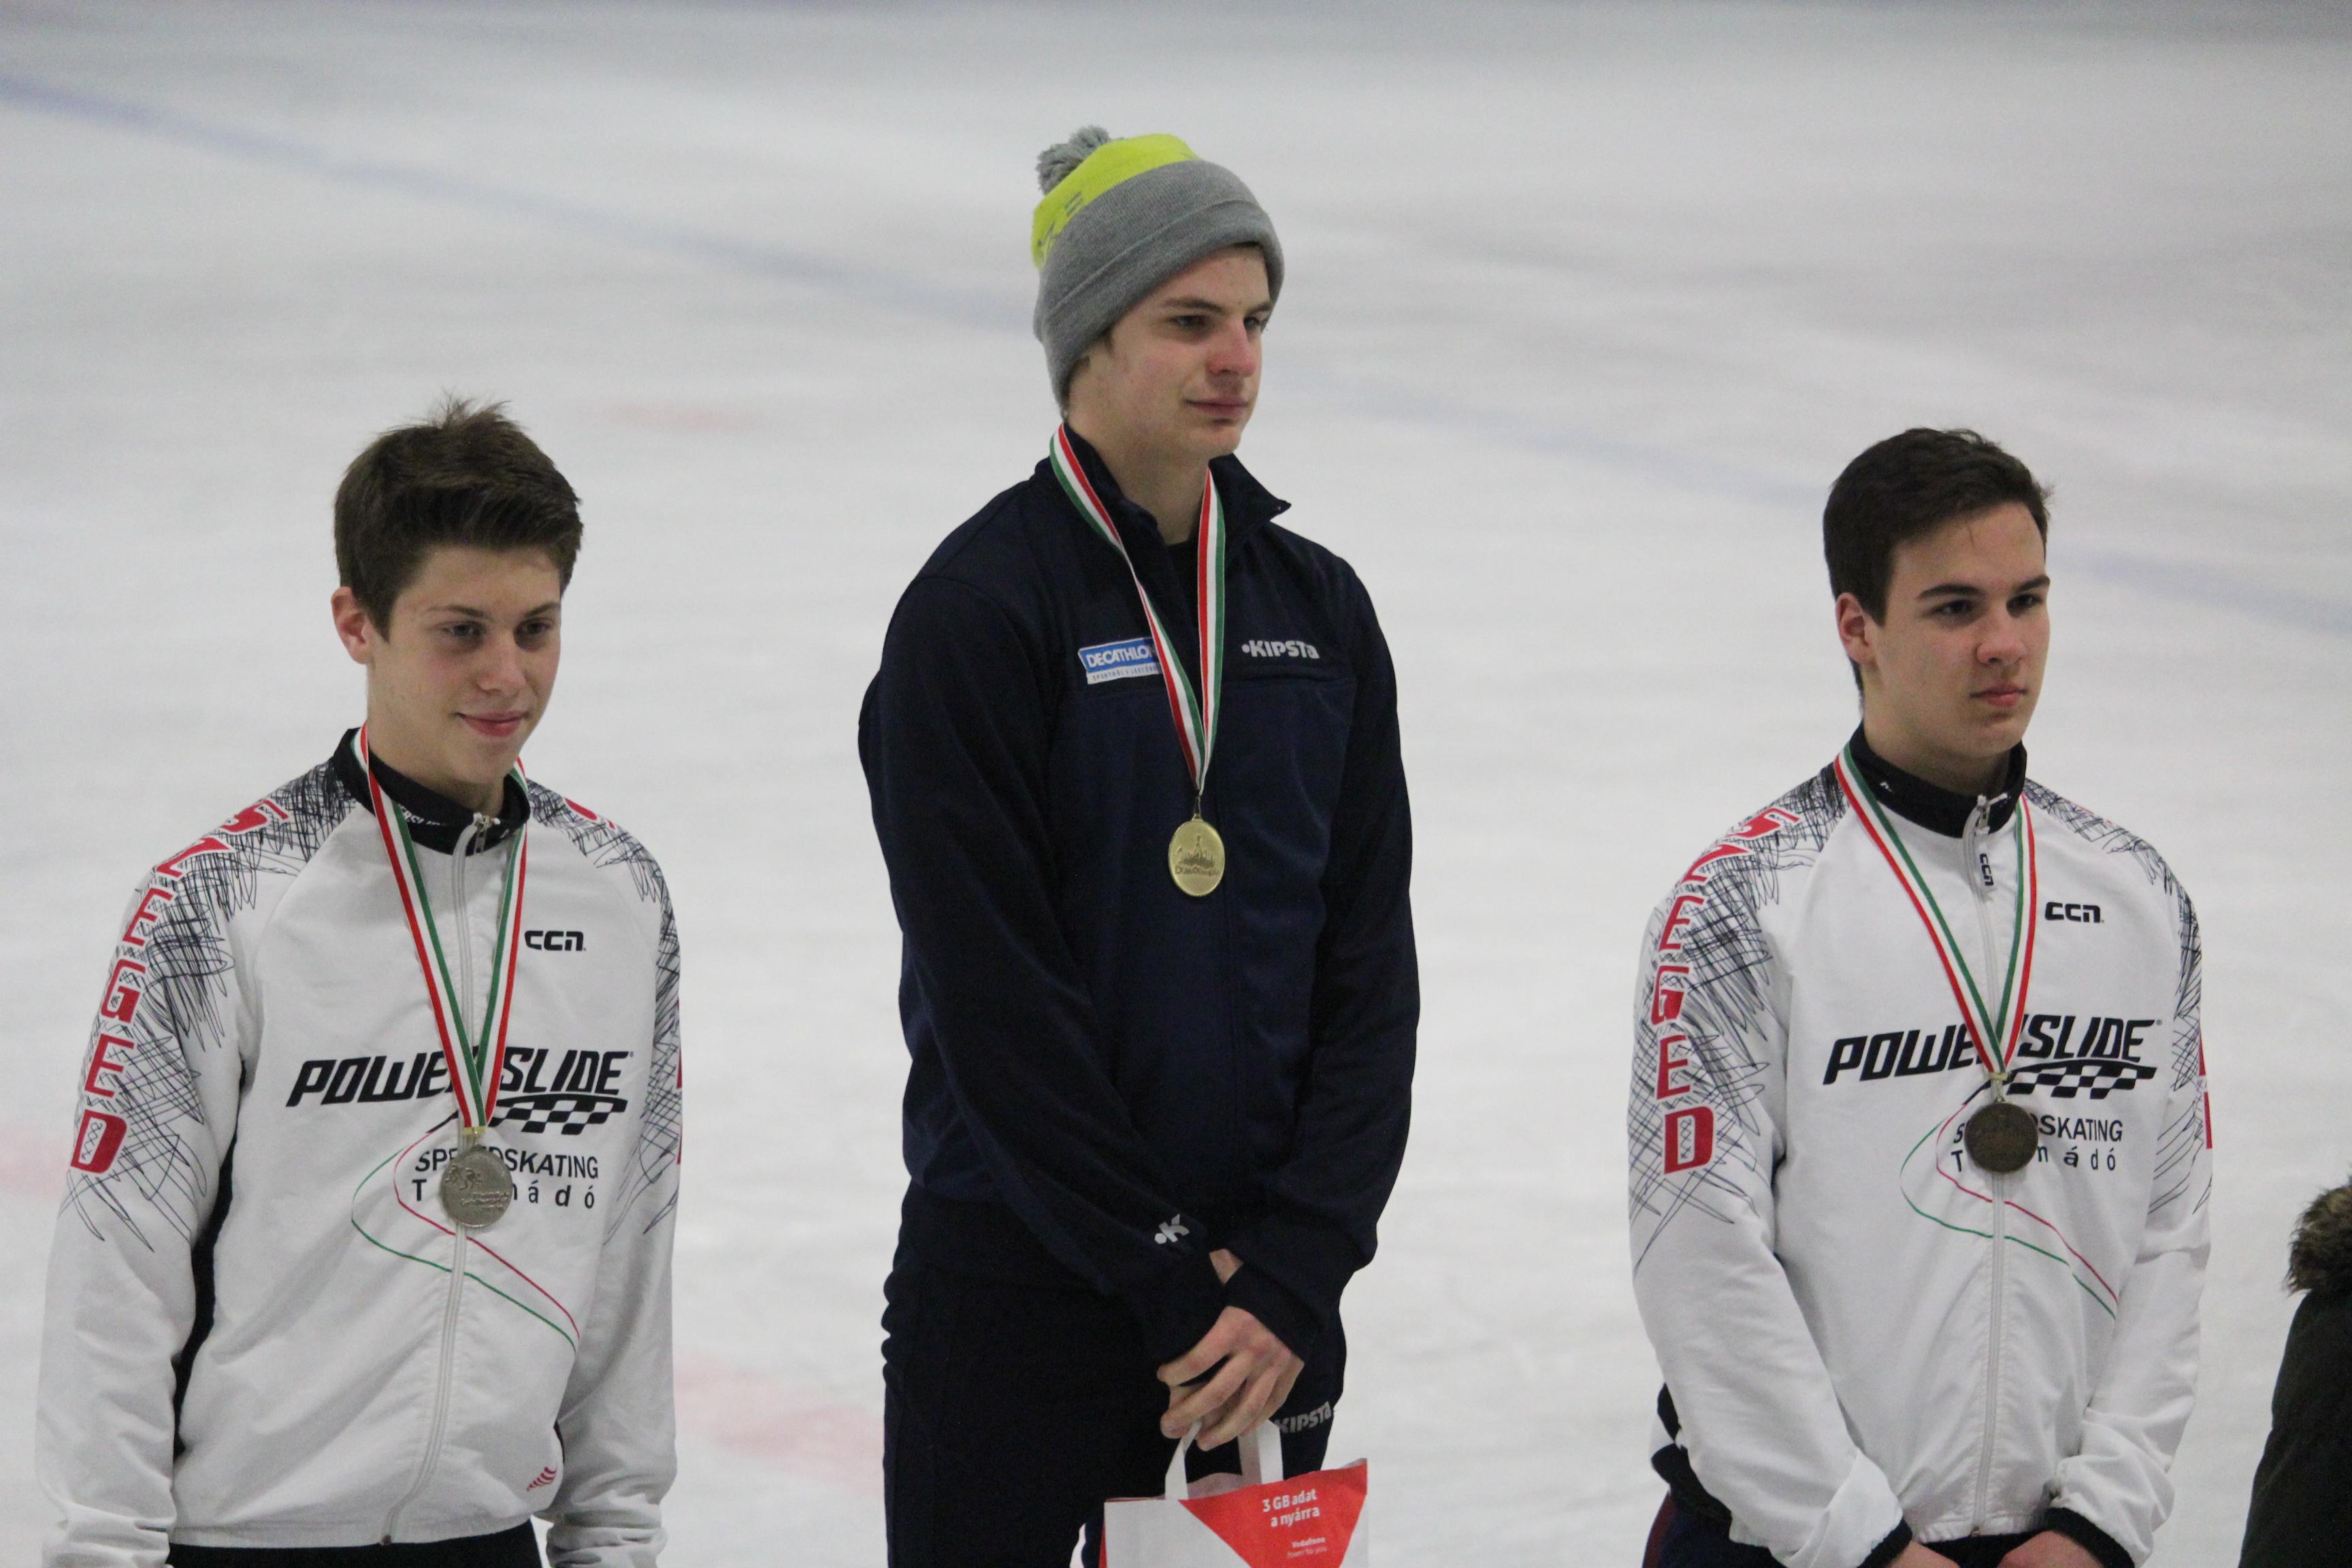 Rövidpályás Gyorskorcsolya Diákolimpia Döntő, Jászberény